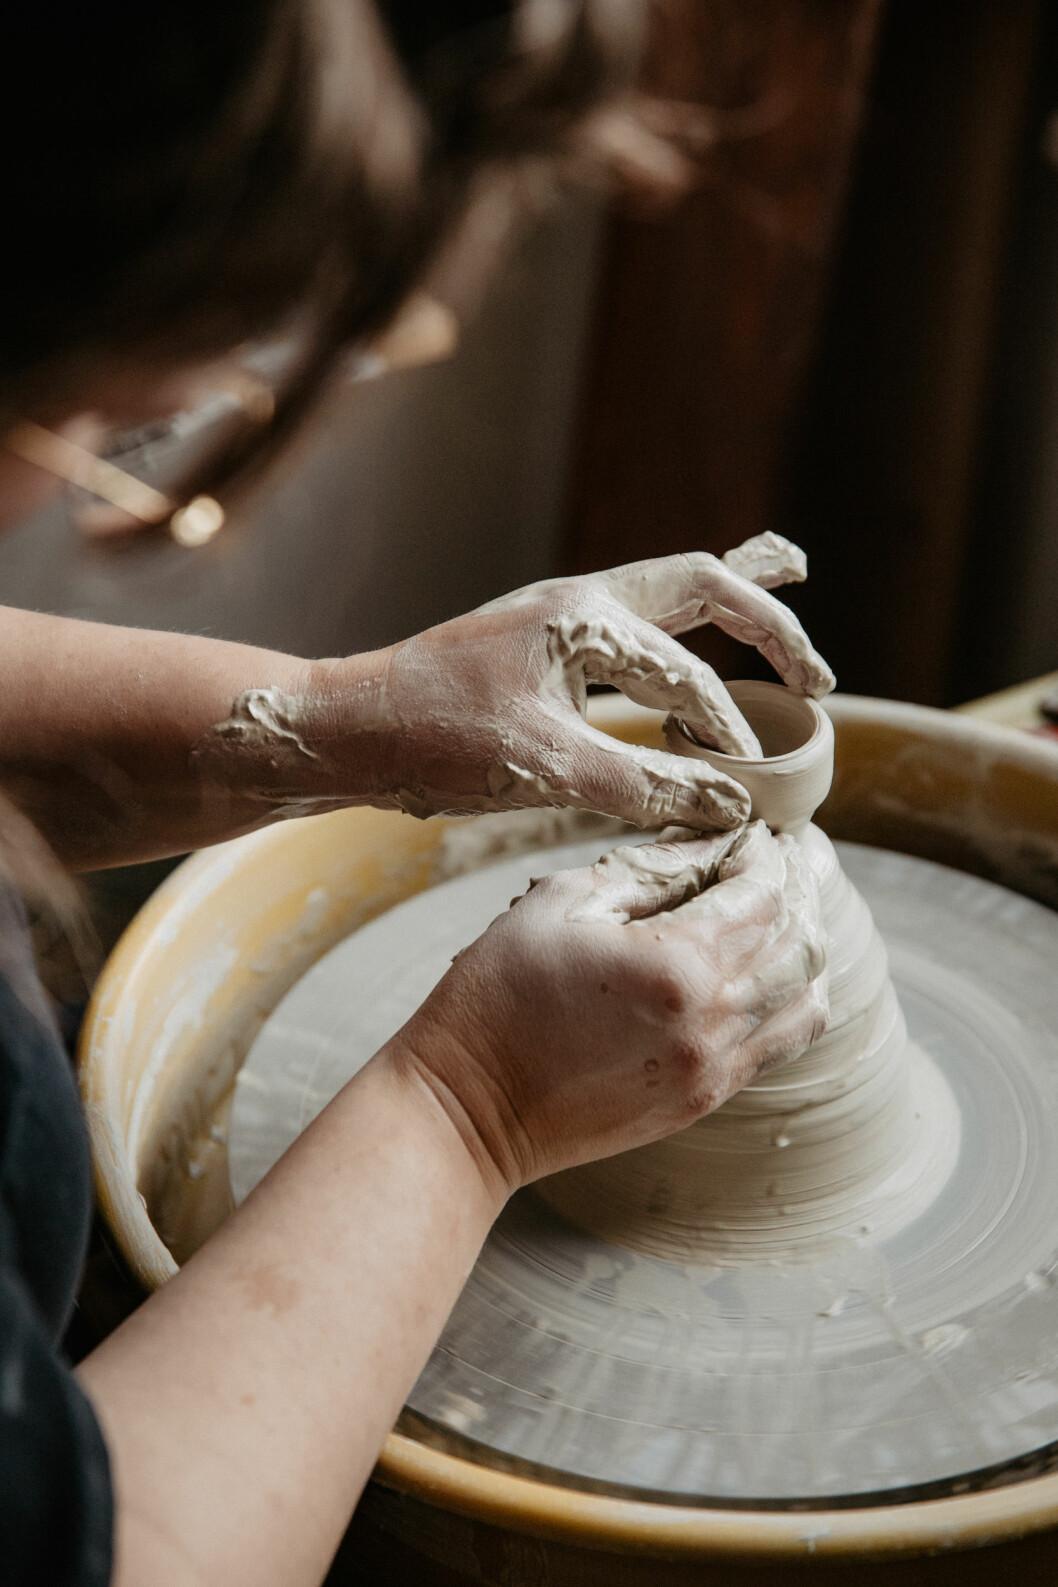 Händer som drejar lera på en drejplatta.